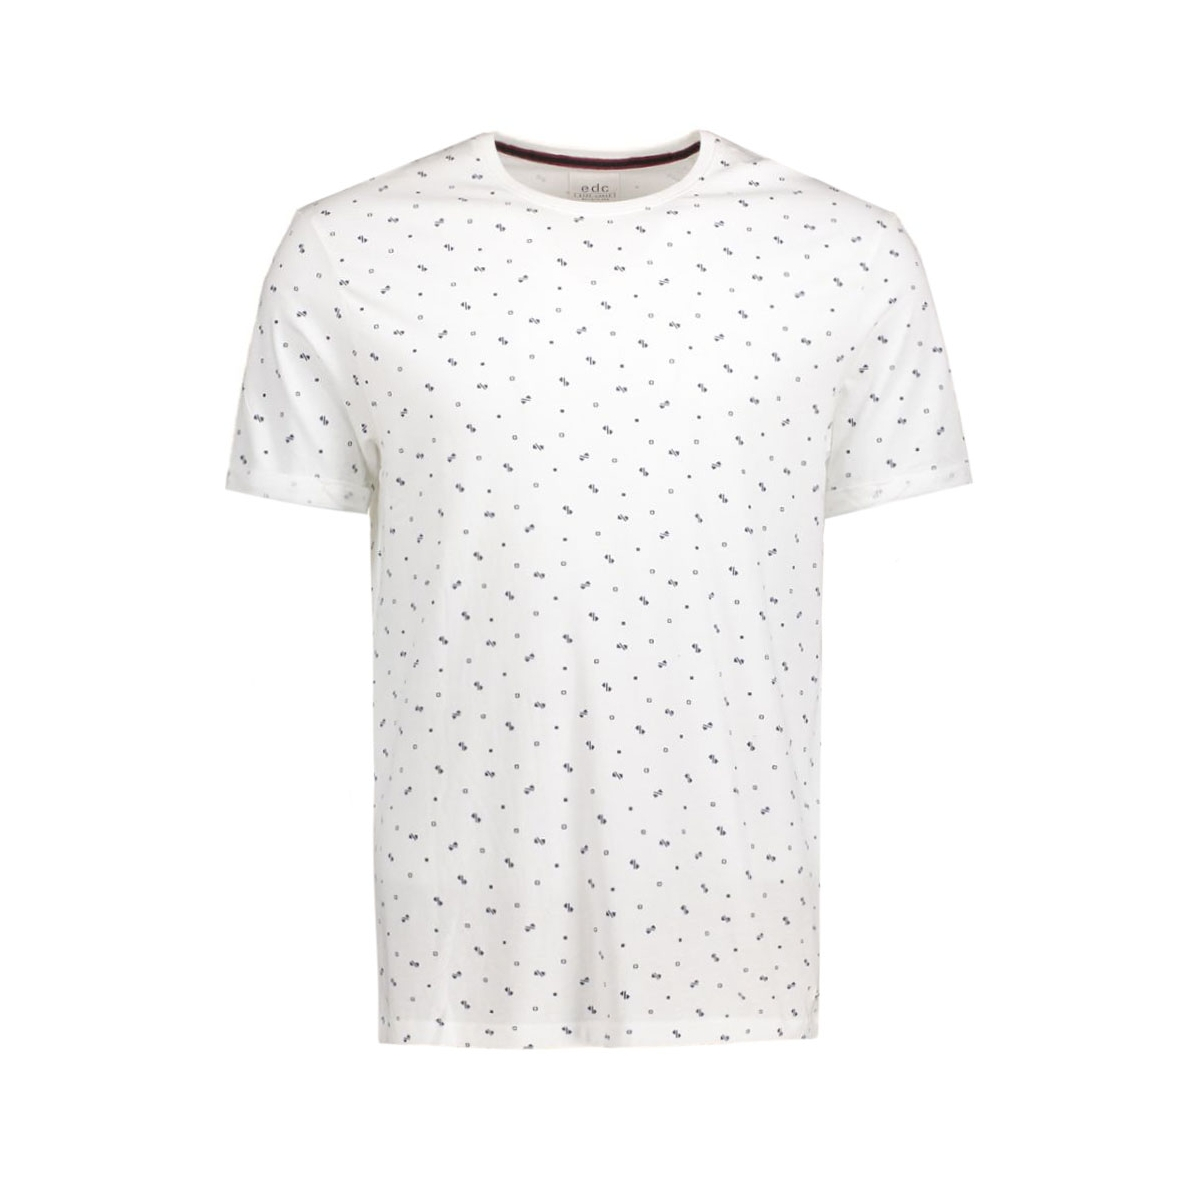 106cc2k015 edc t-shirt c100